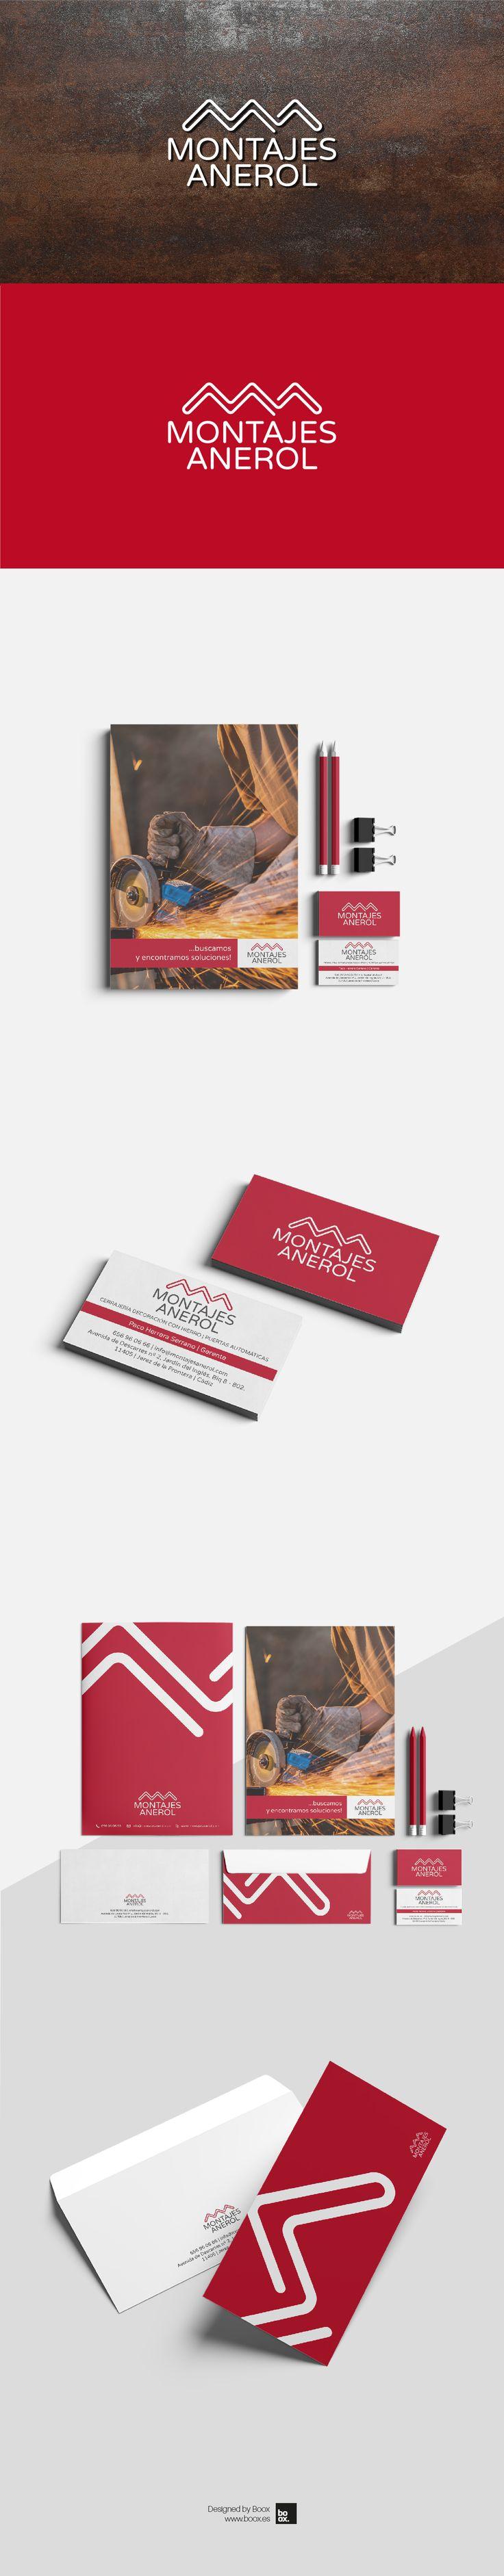 Diseño de branding e indentidad corporativa  http://www.boox.es